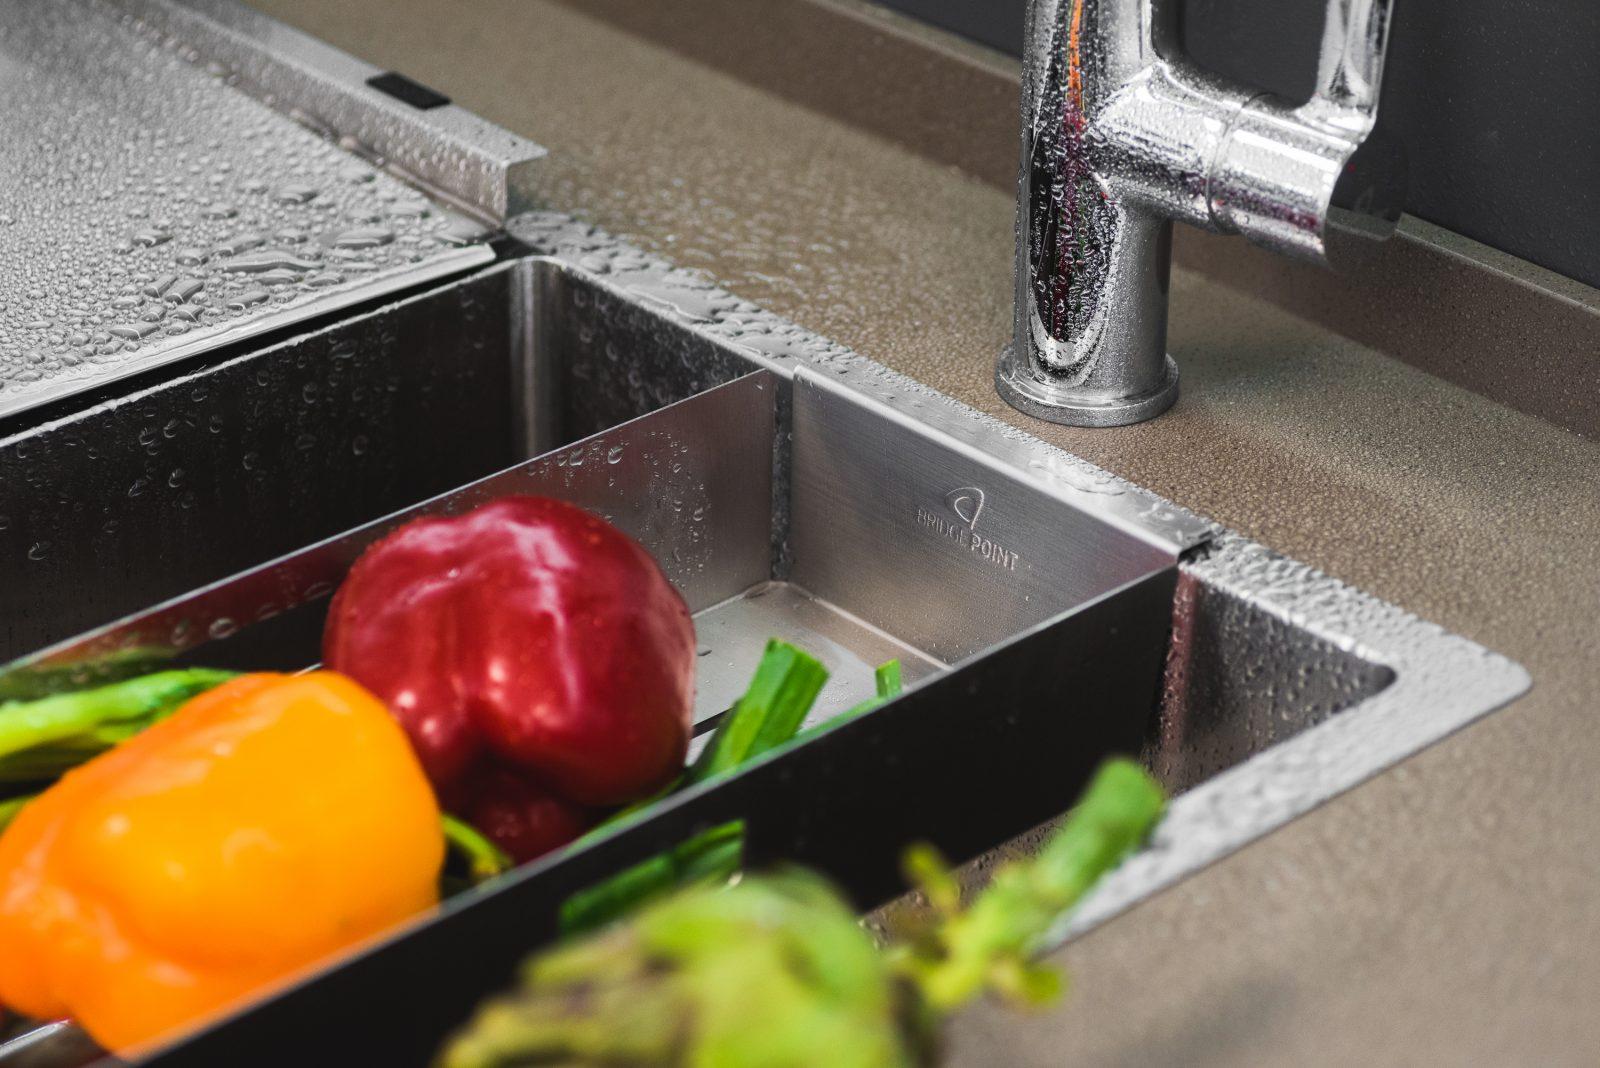 Bridgepoint Hand made stainless steel kitchen sink accessories